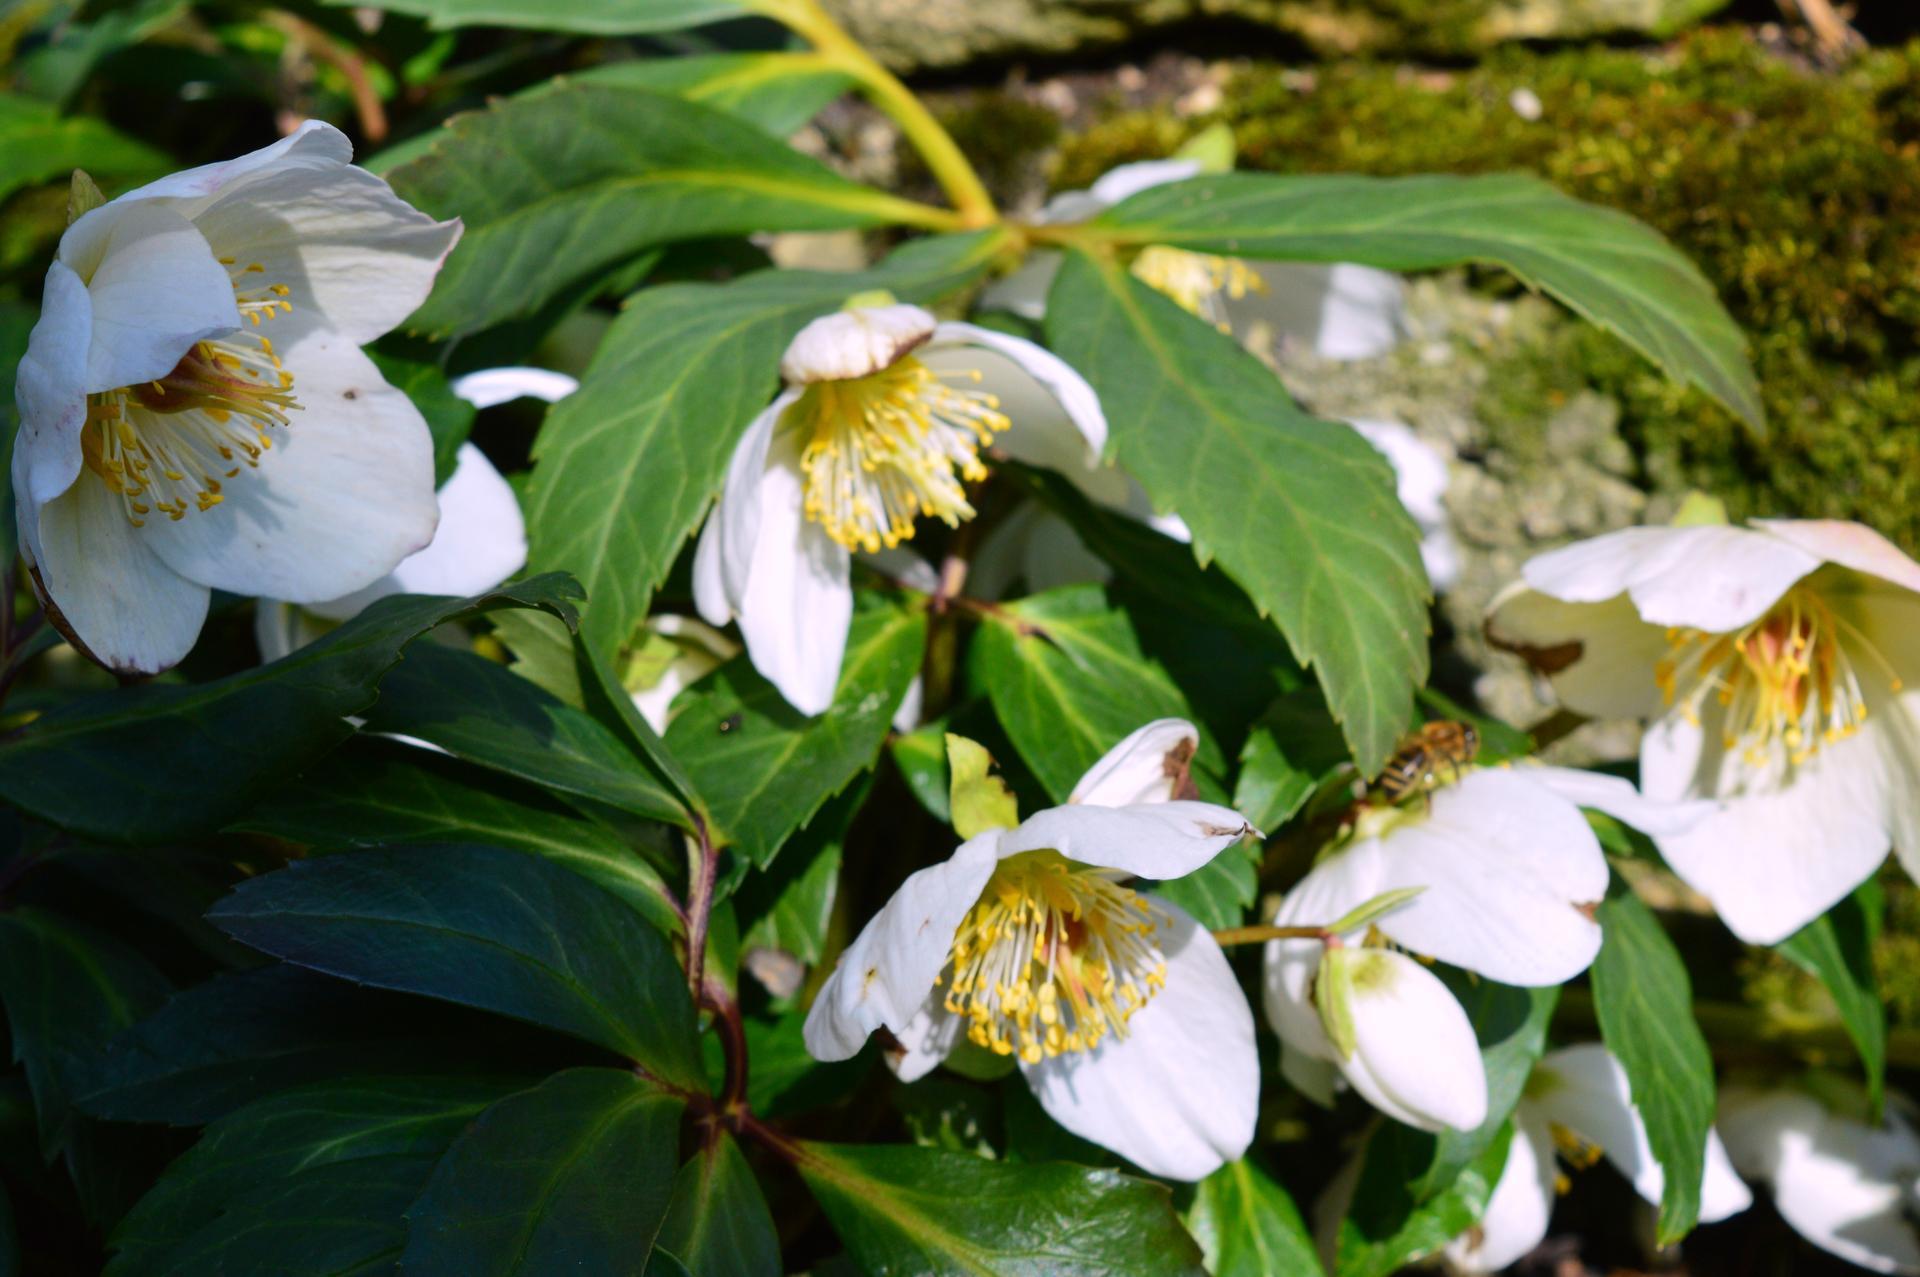 Naša prírodná perma záhradka v roku 2020 - čemerice idú od novembra, včielky si to užívajú